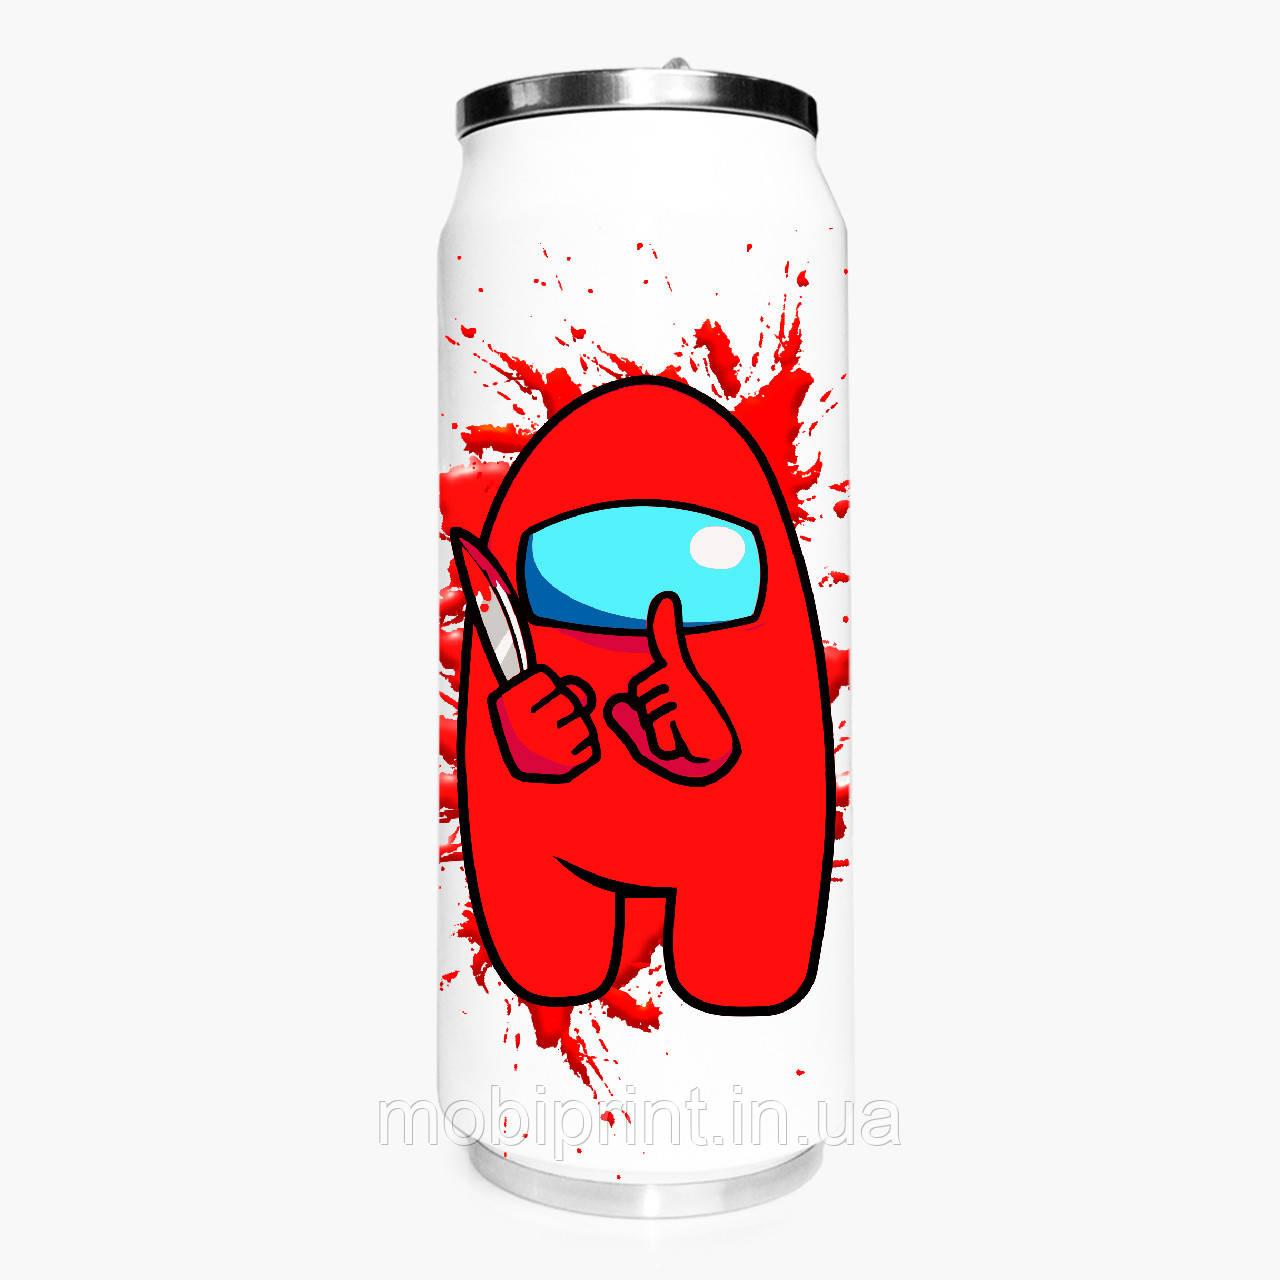 Термобанка Амонг Червоний Ас (Among Us Red) 500 мл (31091-2417-1) термокружка з нержавіючої сталі